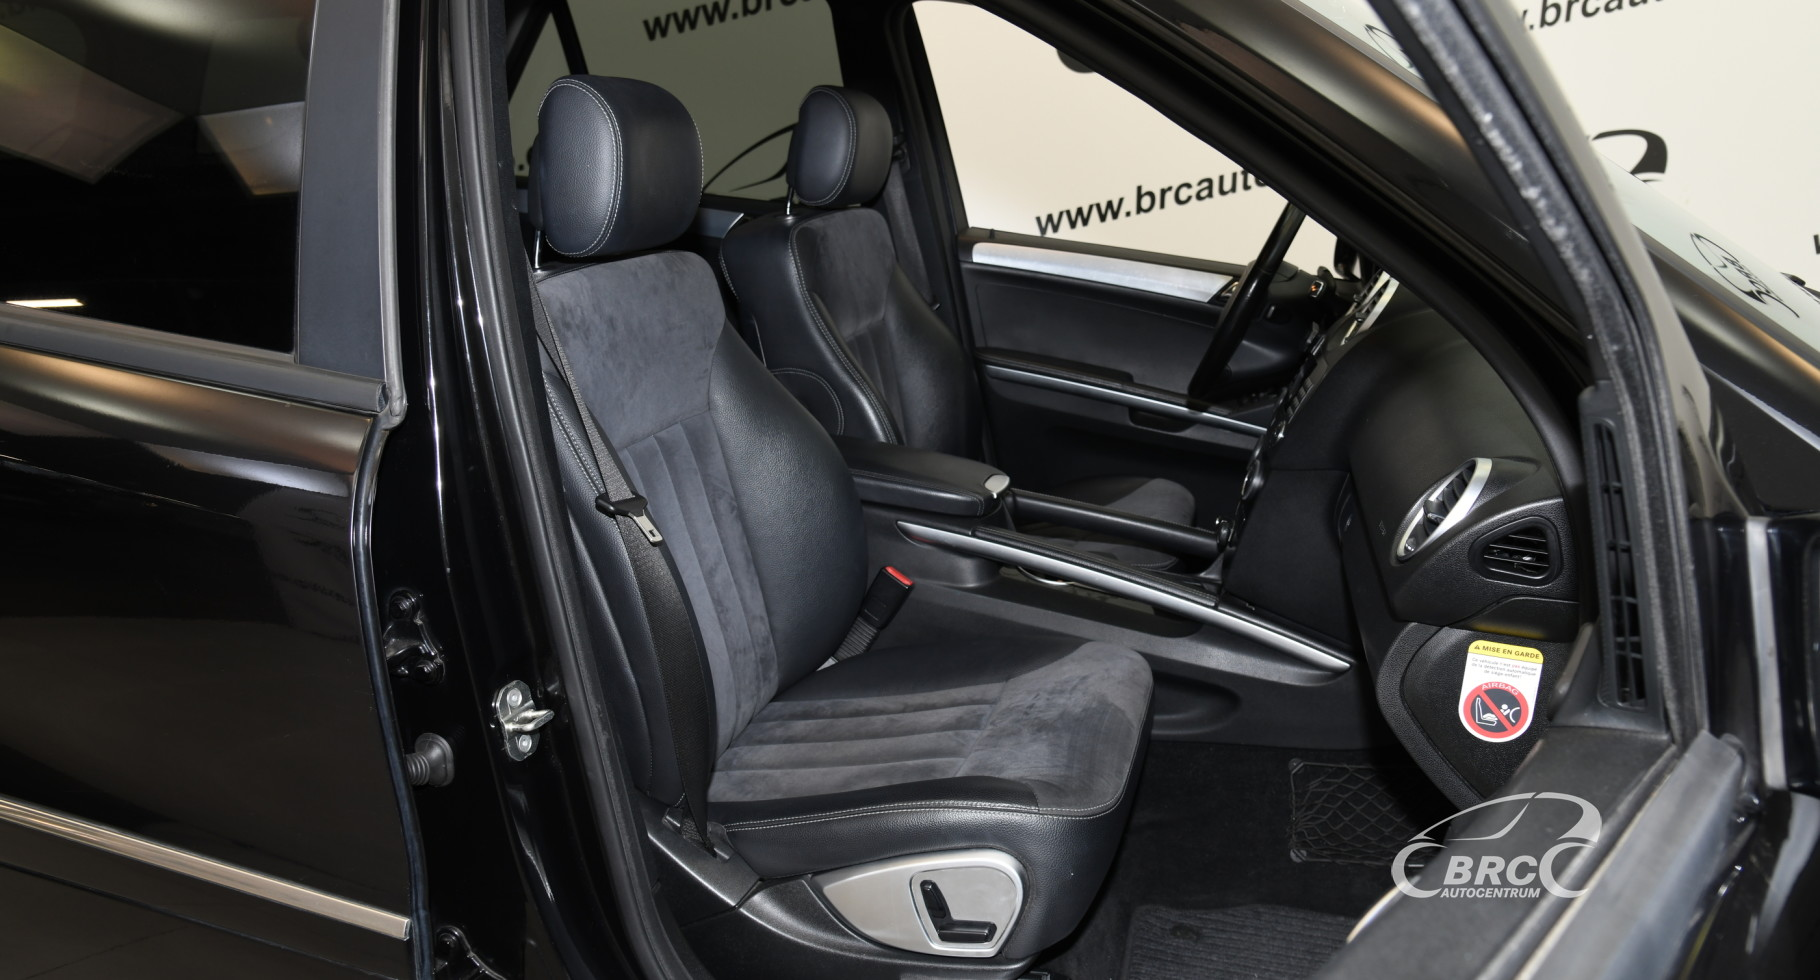 Mercedes-Benz ML 320 4Matic Automatas